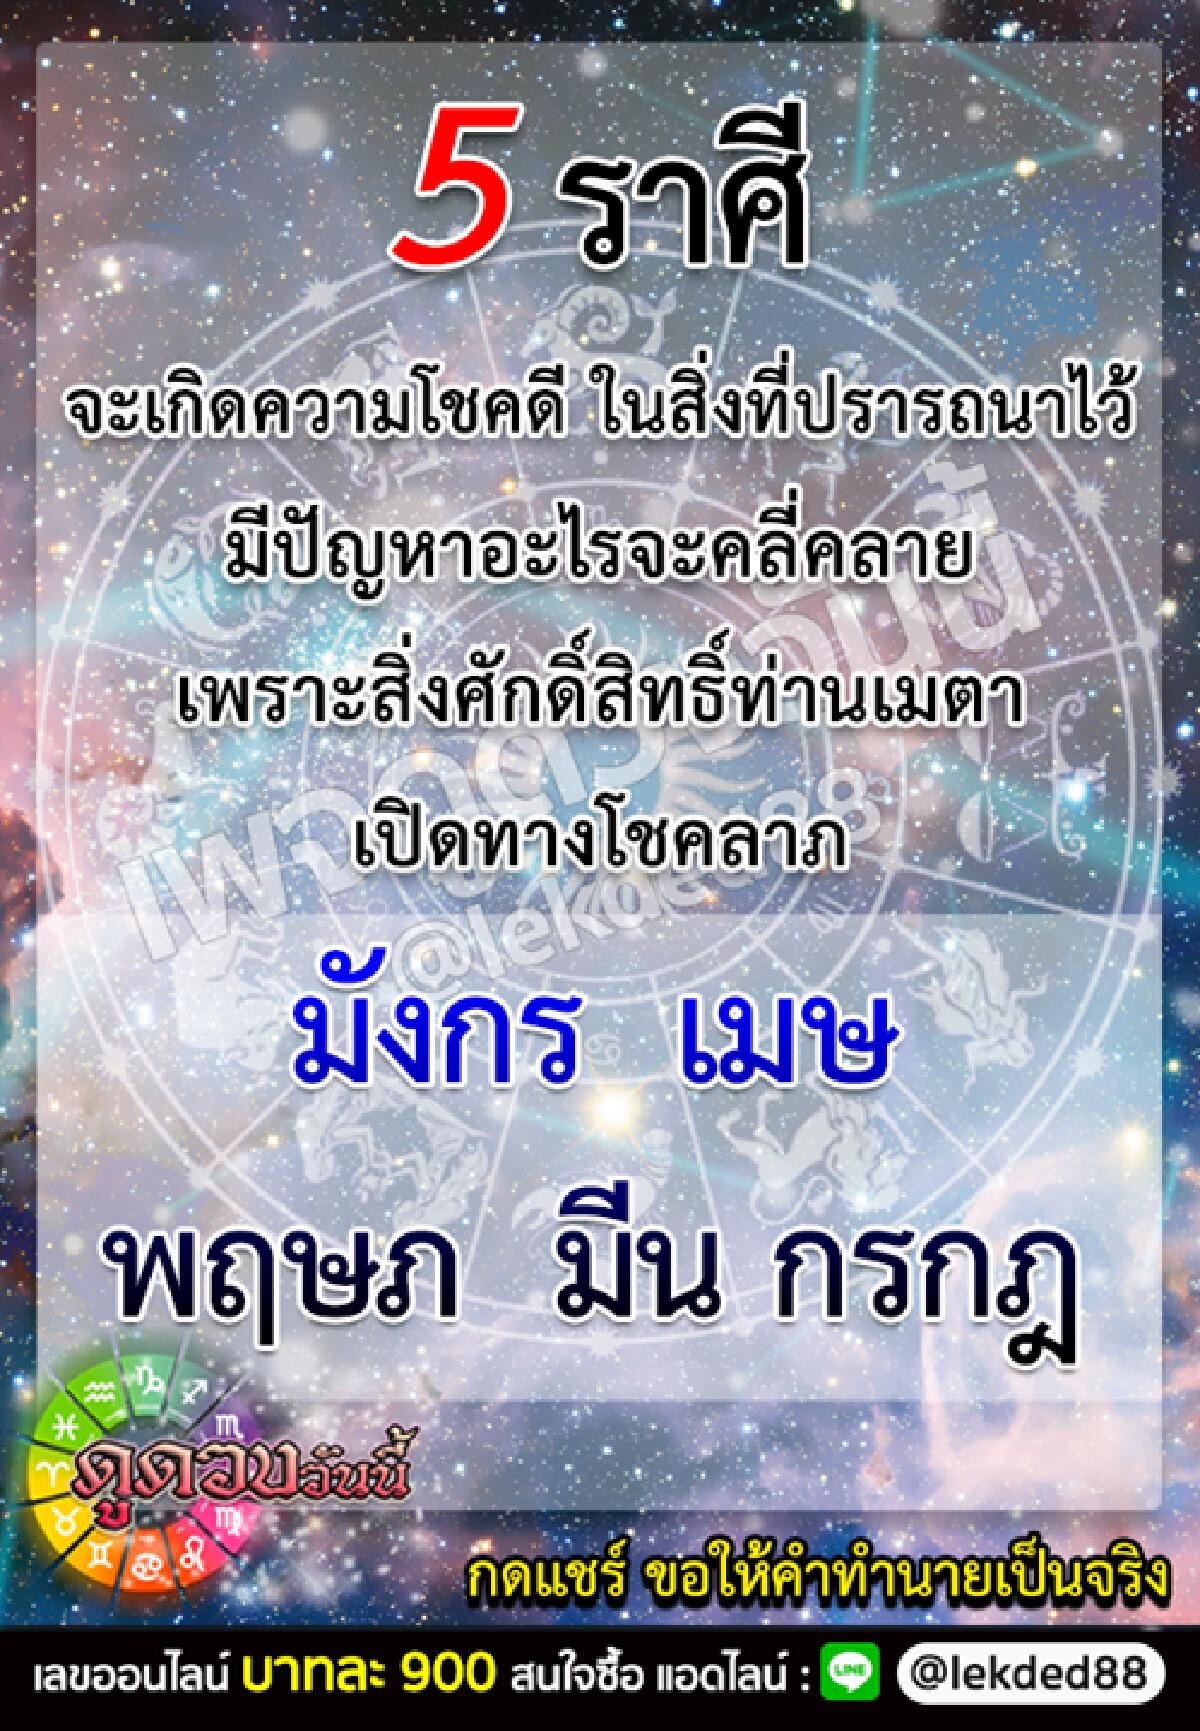 5 ราศี จะเกิดความโชคดี สิ่งศักดิ์สิทธิ์เมตตา เปิดทางโชคลาภ